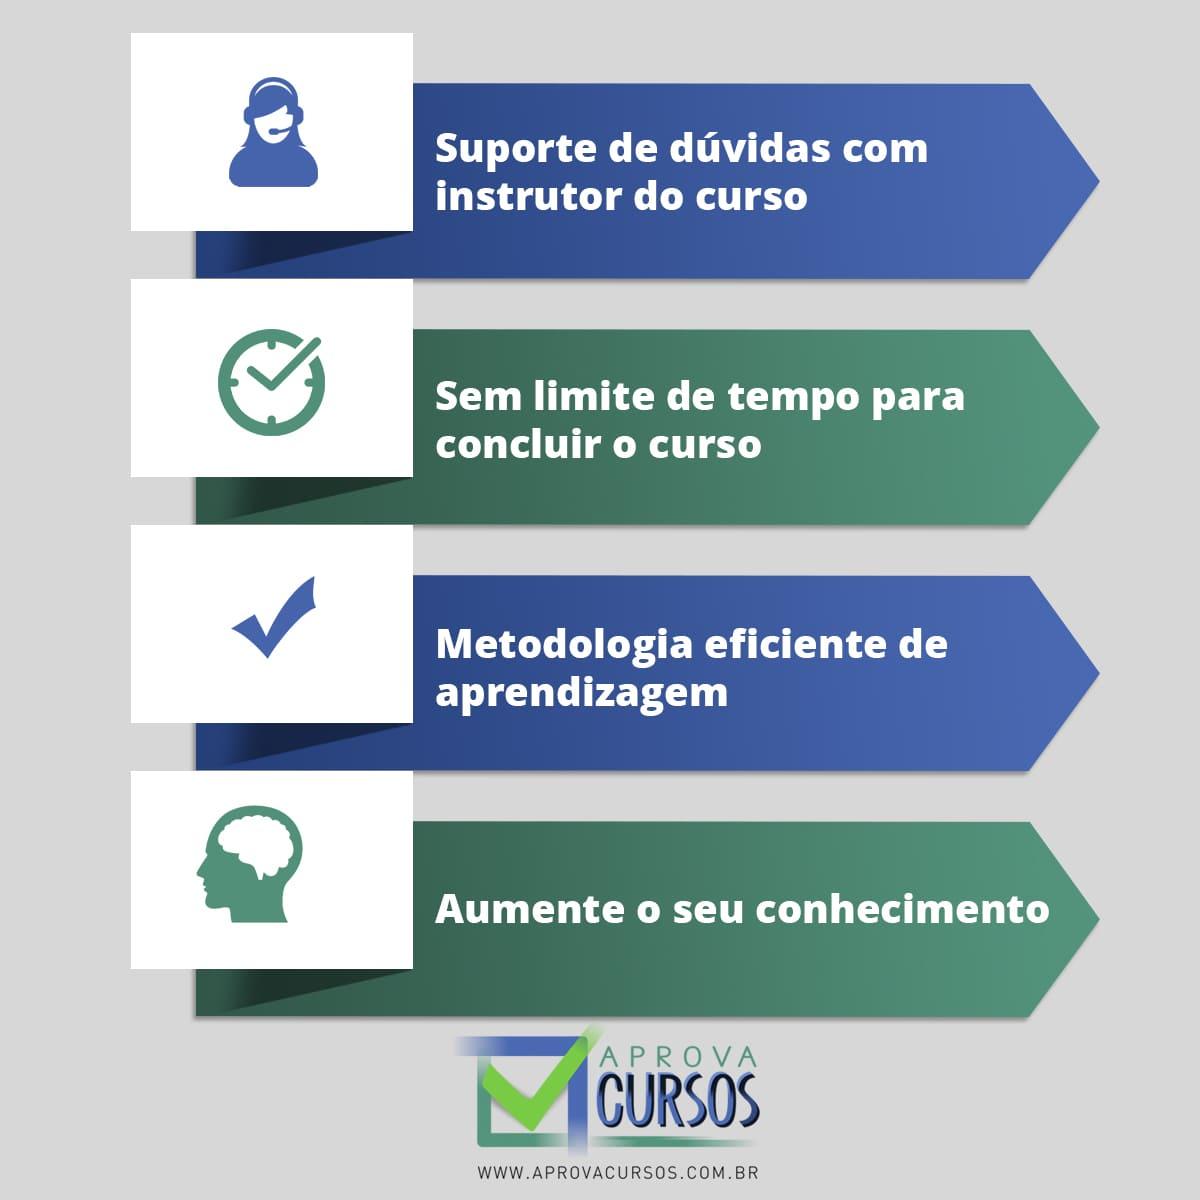 Curso Online de Marketing em Redes Sociais com Certificado  - Aprova Cursos